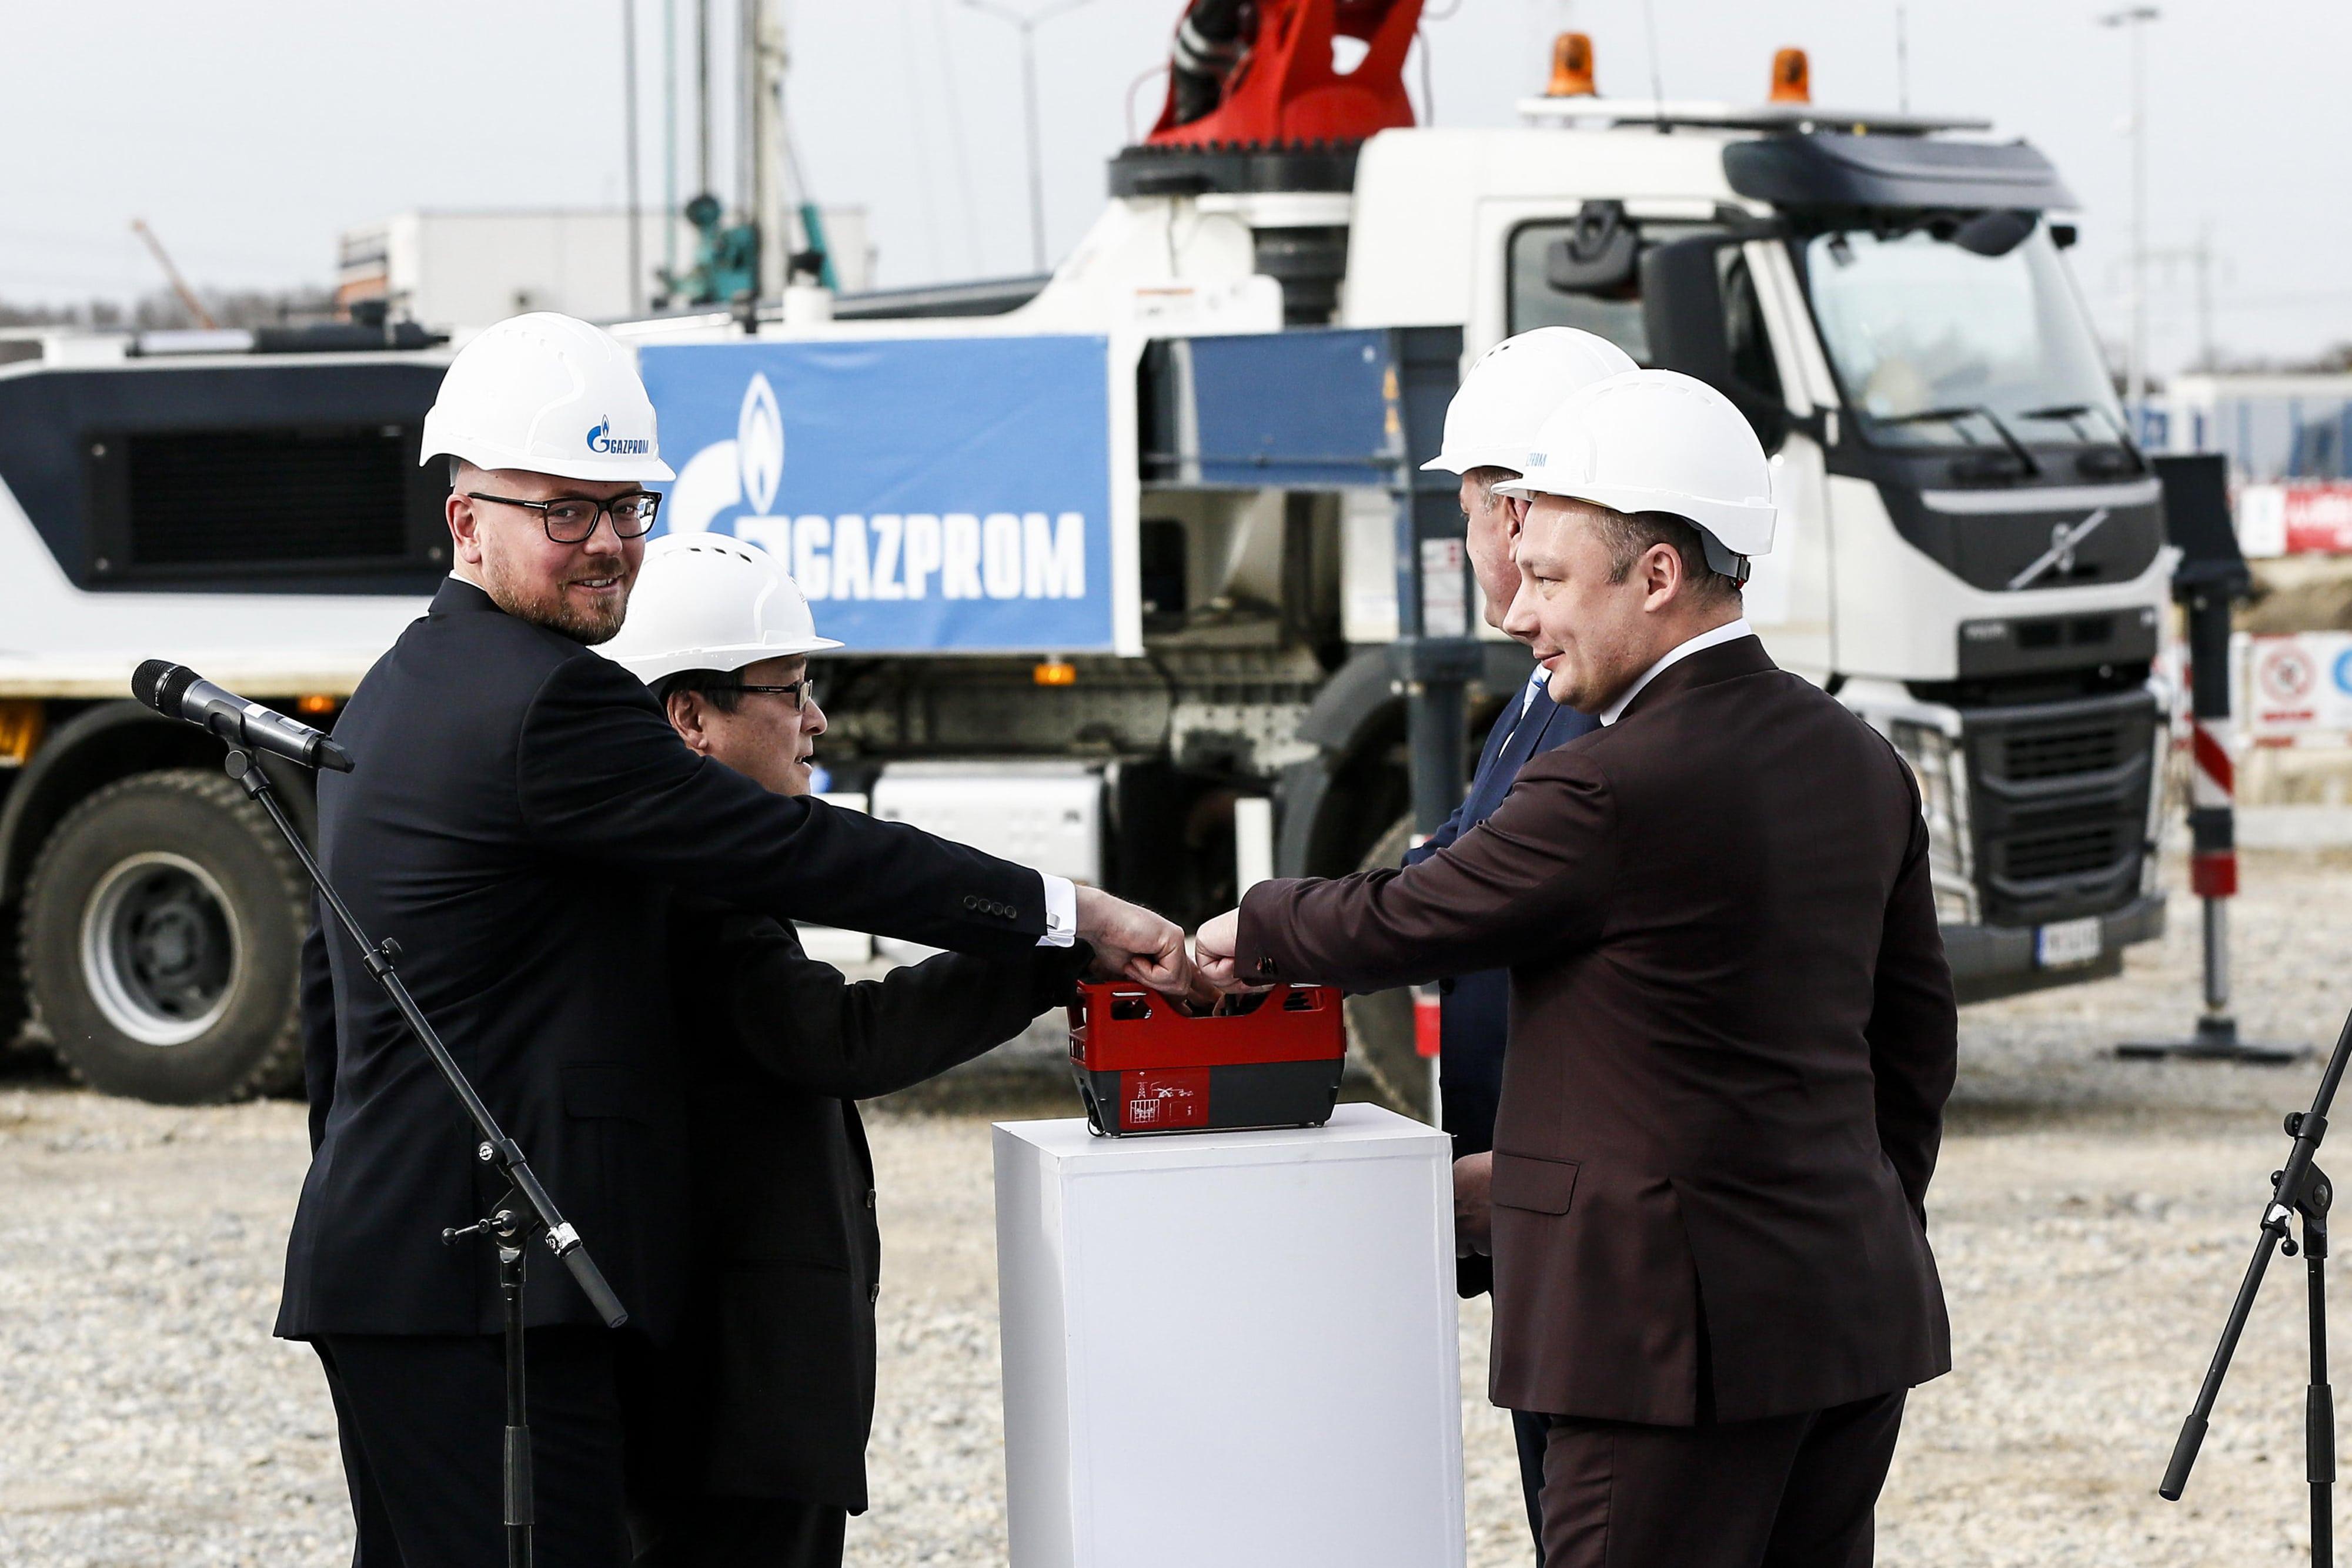 «Газпром» начал строительство теплоэлектростанции в Сербии